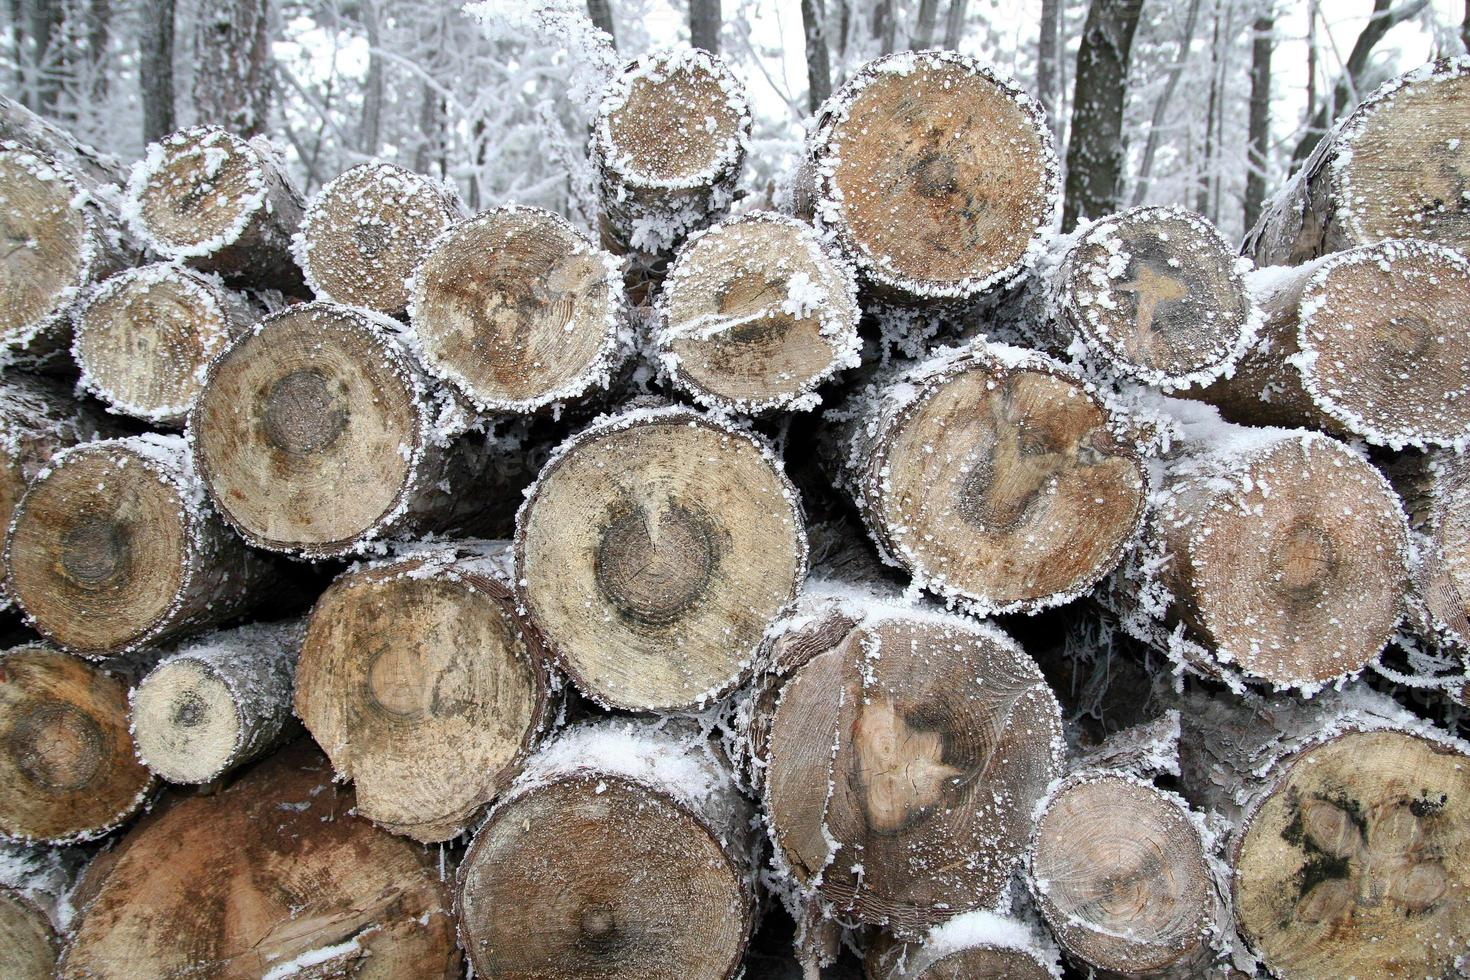 toco de árvore no inverno. foto